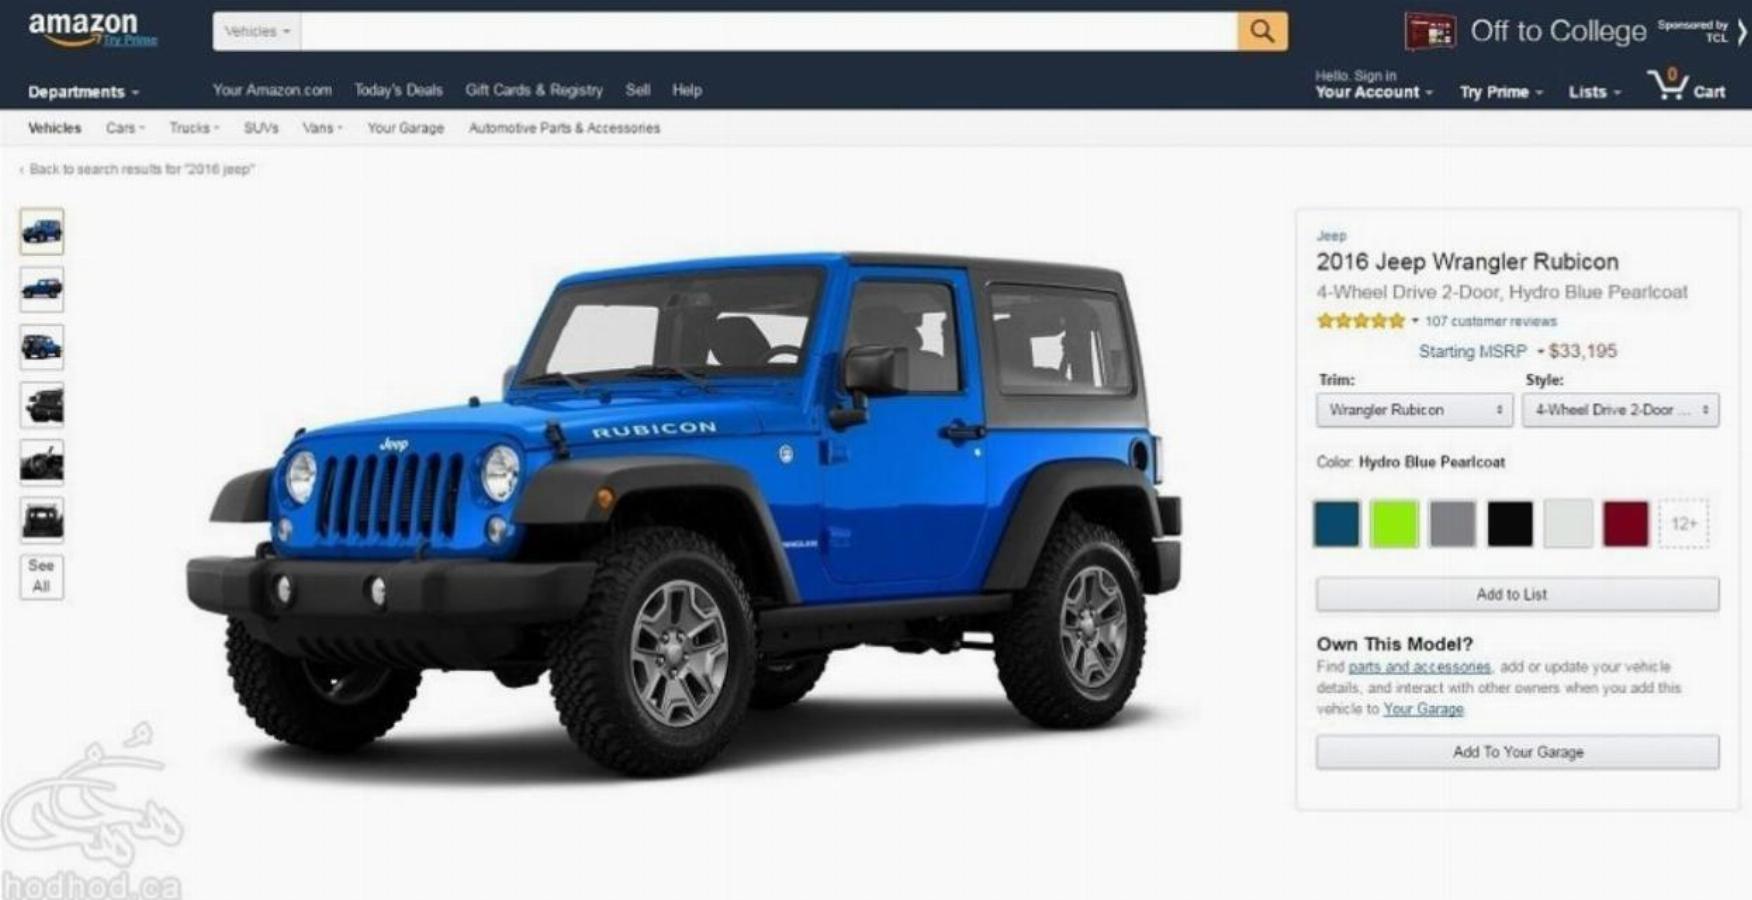 آمازون از سرویس جنجالی خودروی خود Amazon Vehicles رونمایی کرد